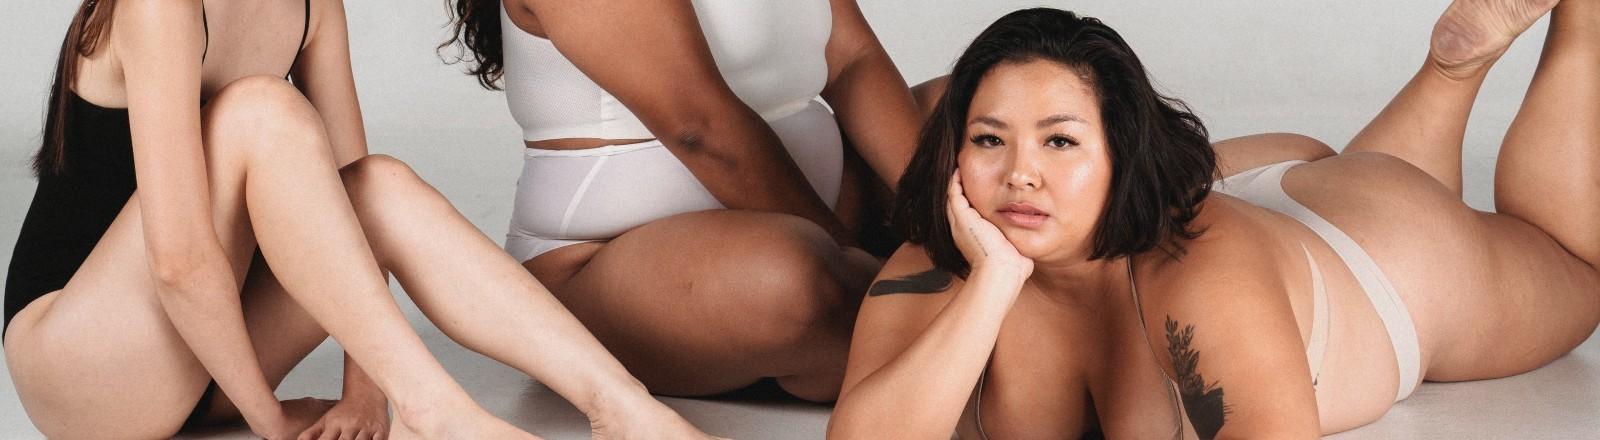 Drei Frauen in Unterwäsche